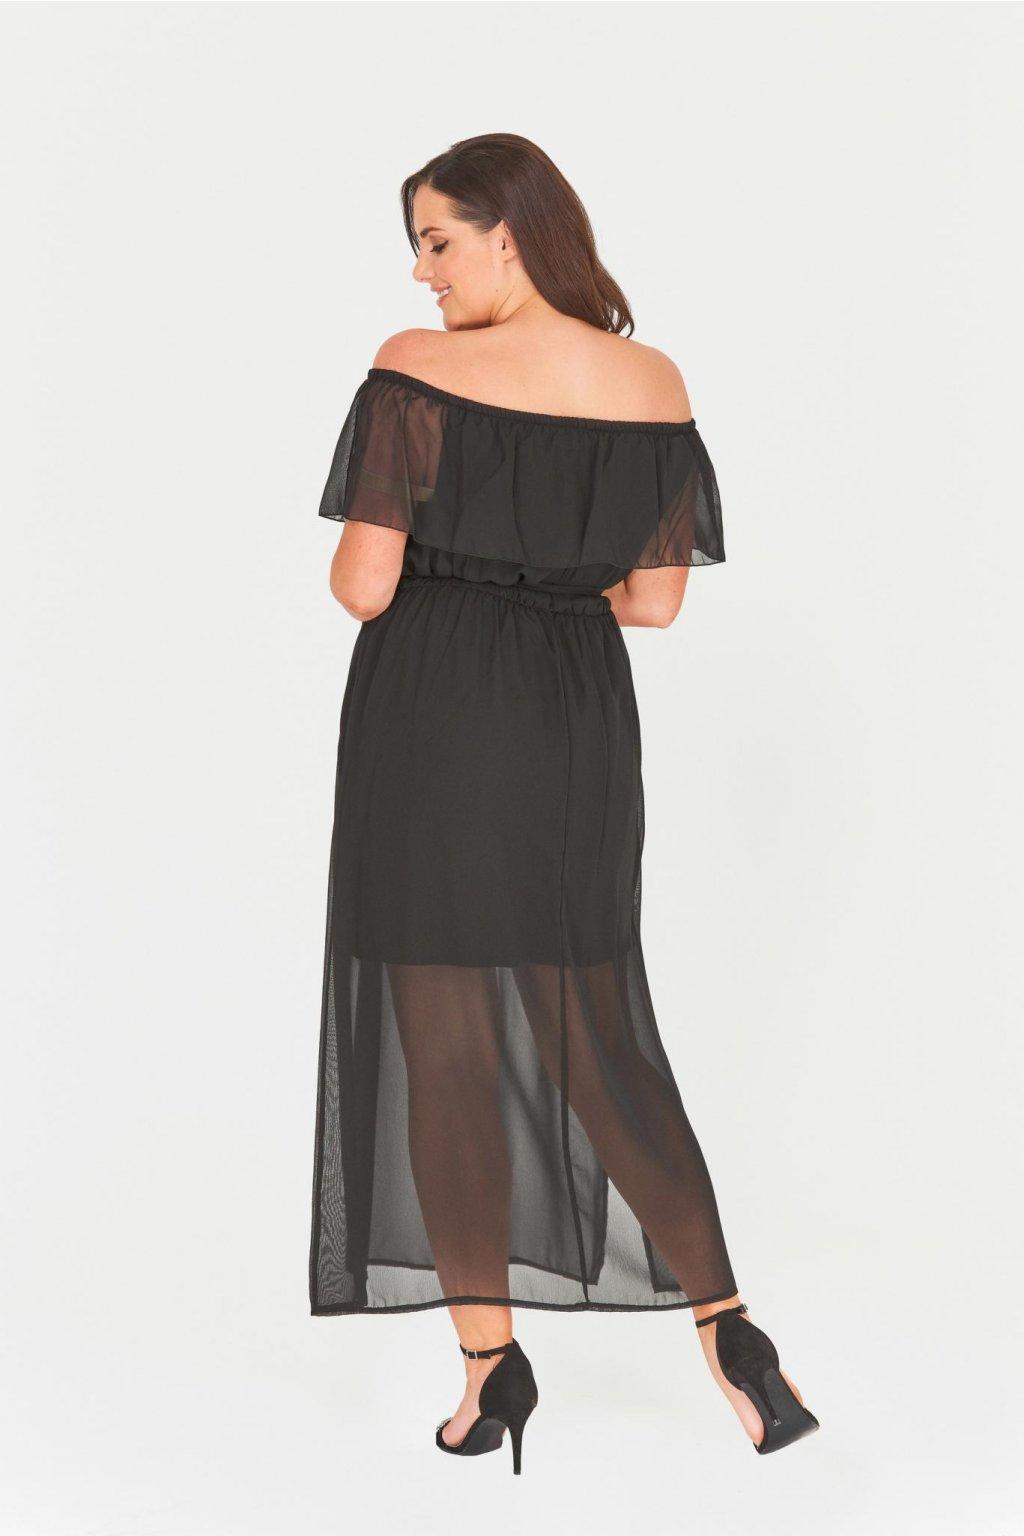 Dlouhé černé šaty Chaos s průsvitnou sukní - Bellazu.cz 0d4f9ca128